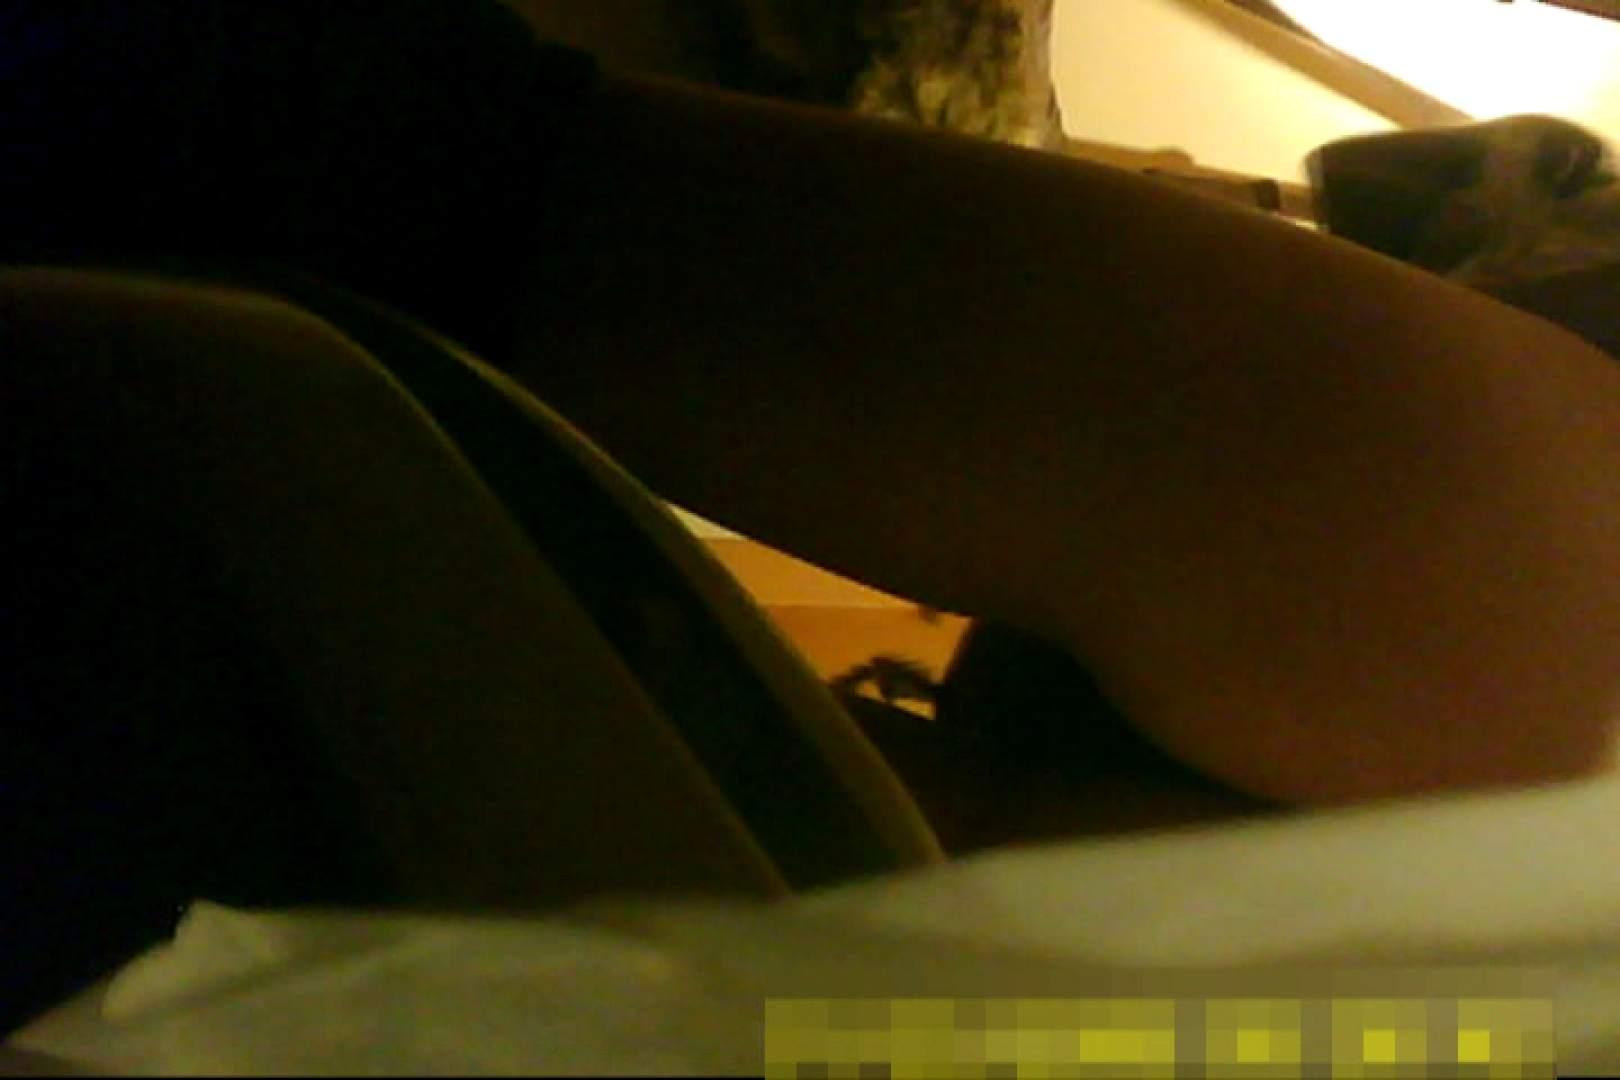 魅惑の化粧室~禁断のプライベート空間~vol.8 プライベート   その他  91pic 51